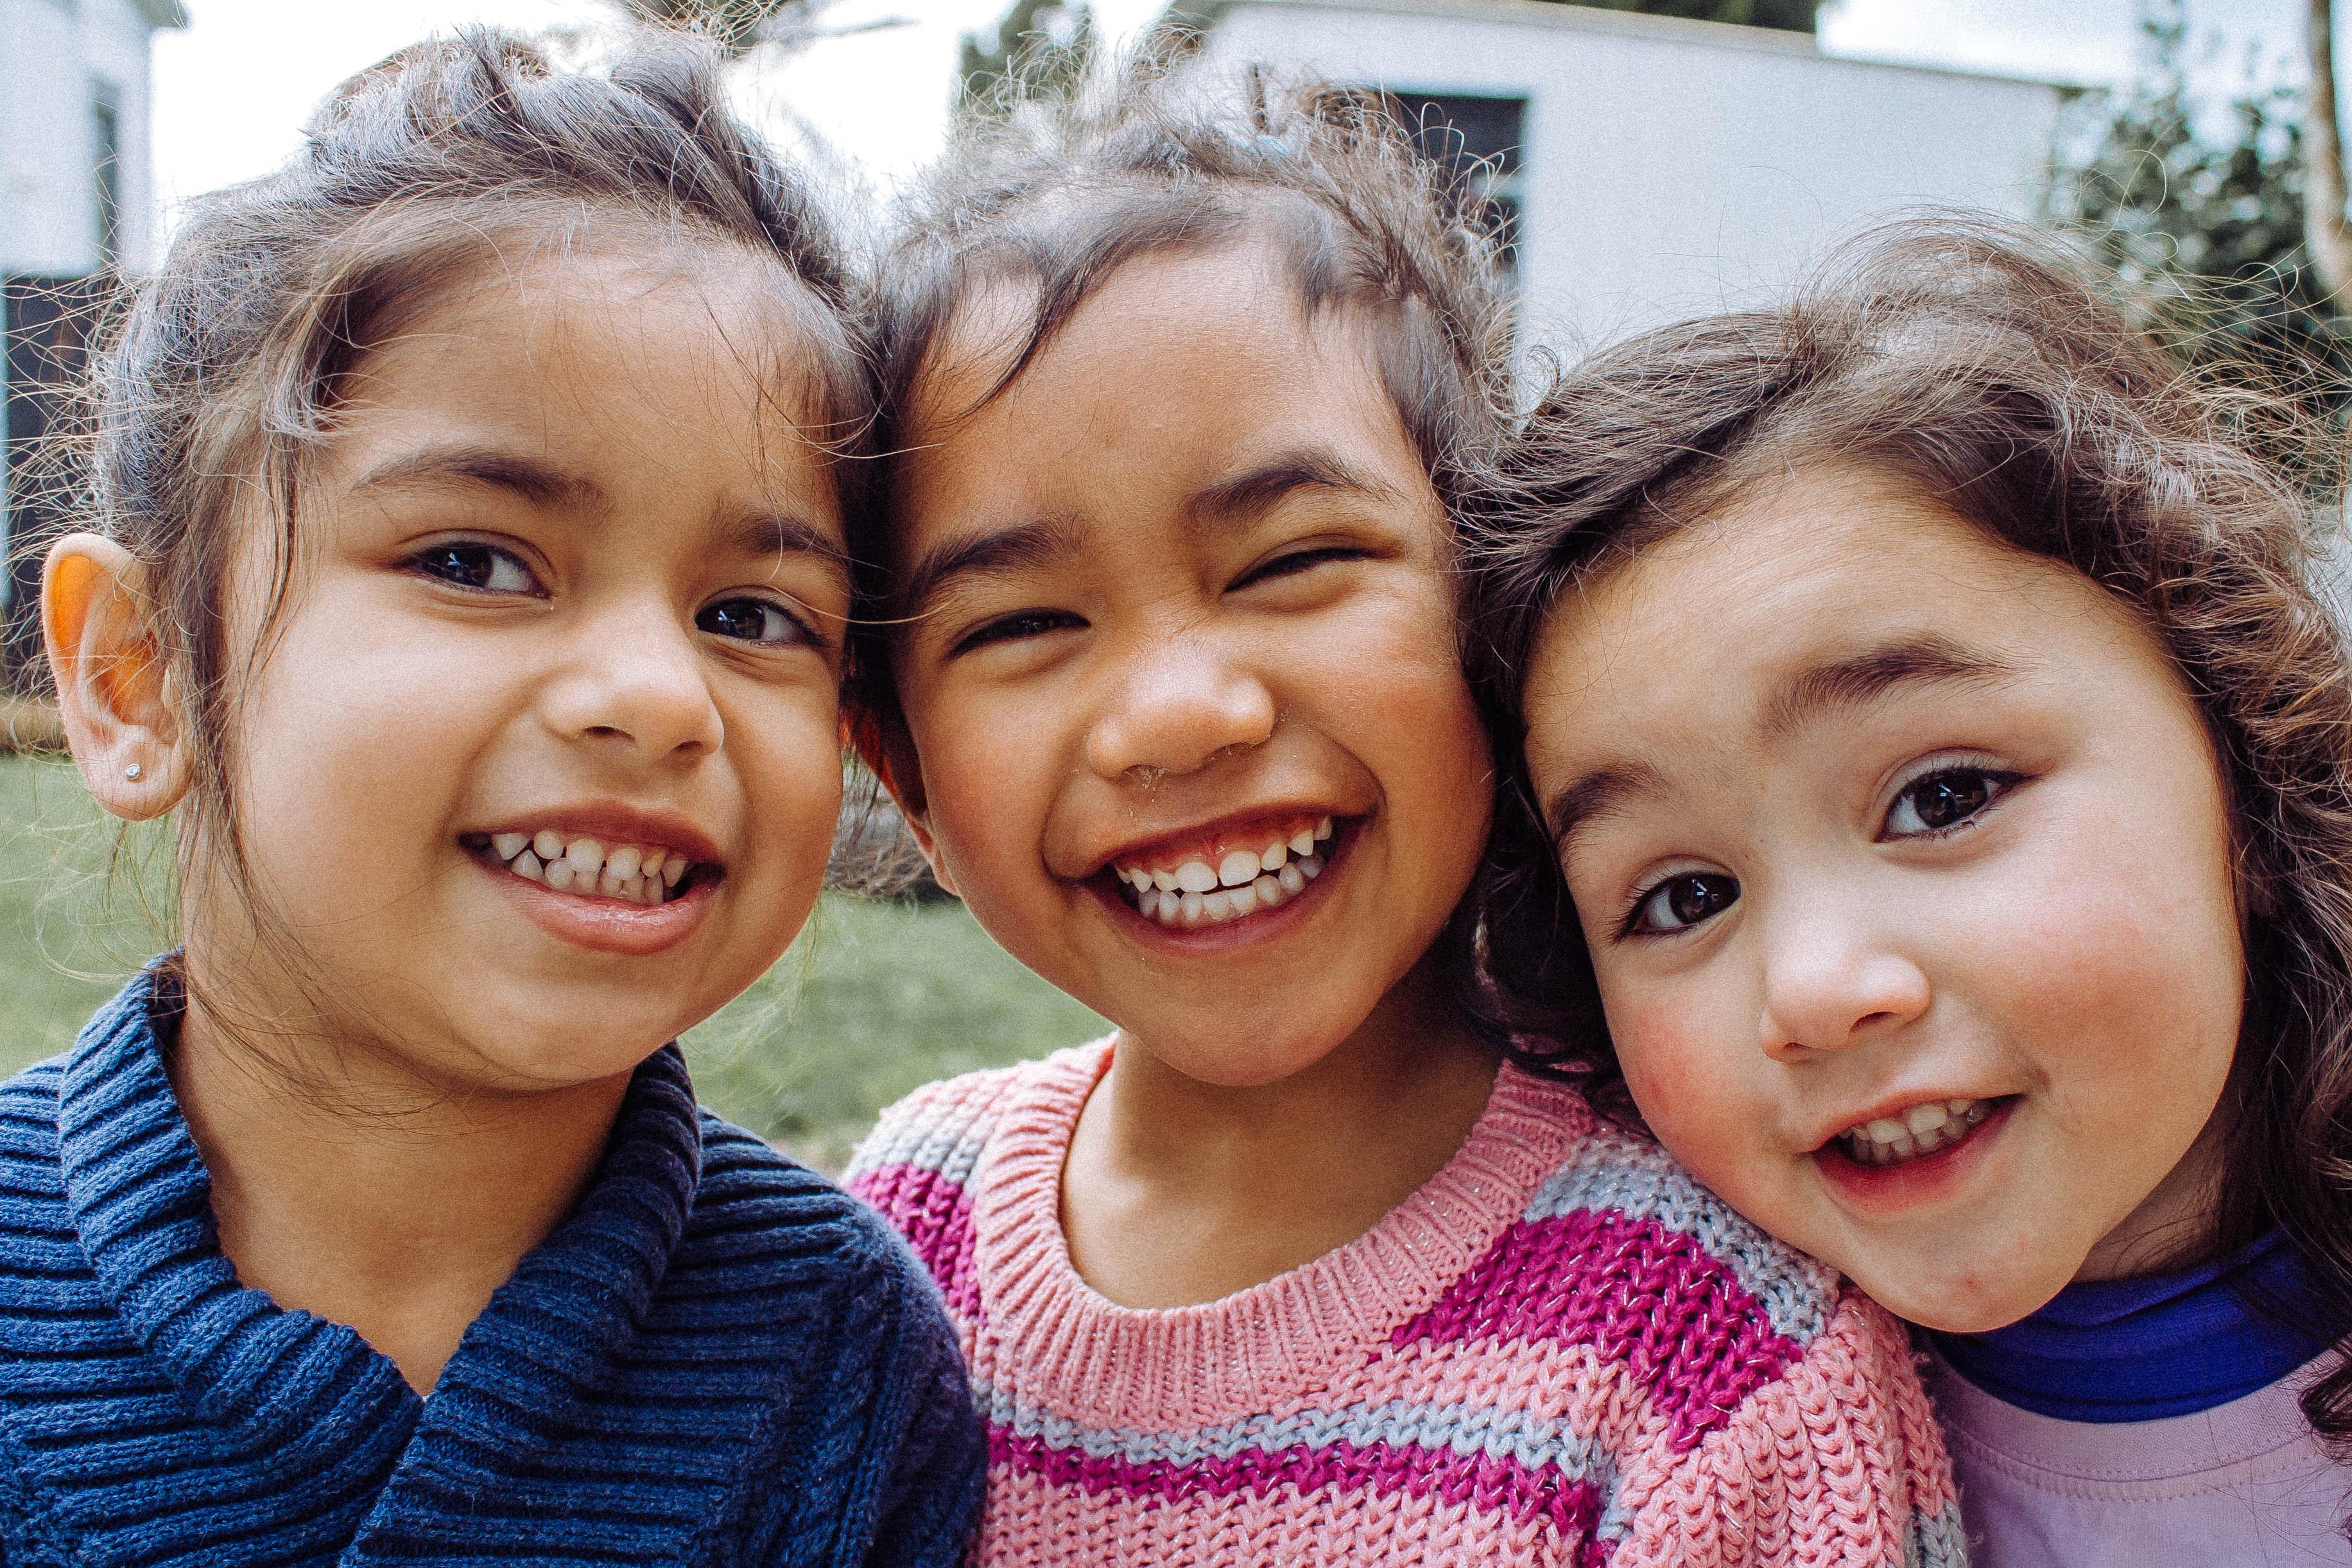 Children cute enjoyment 1432697